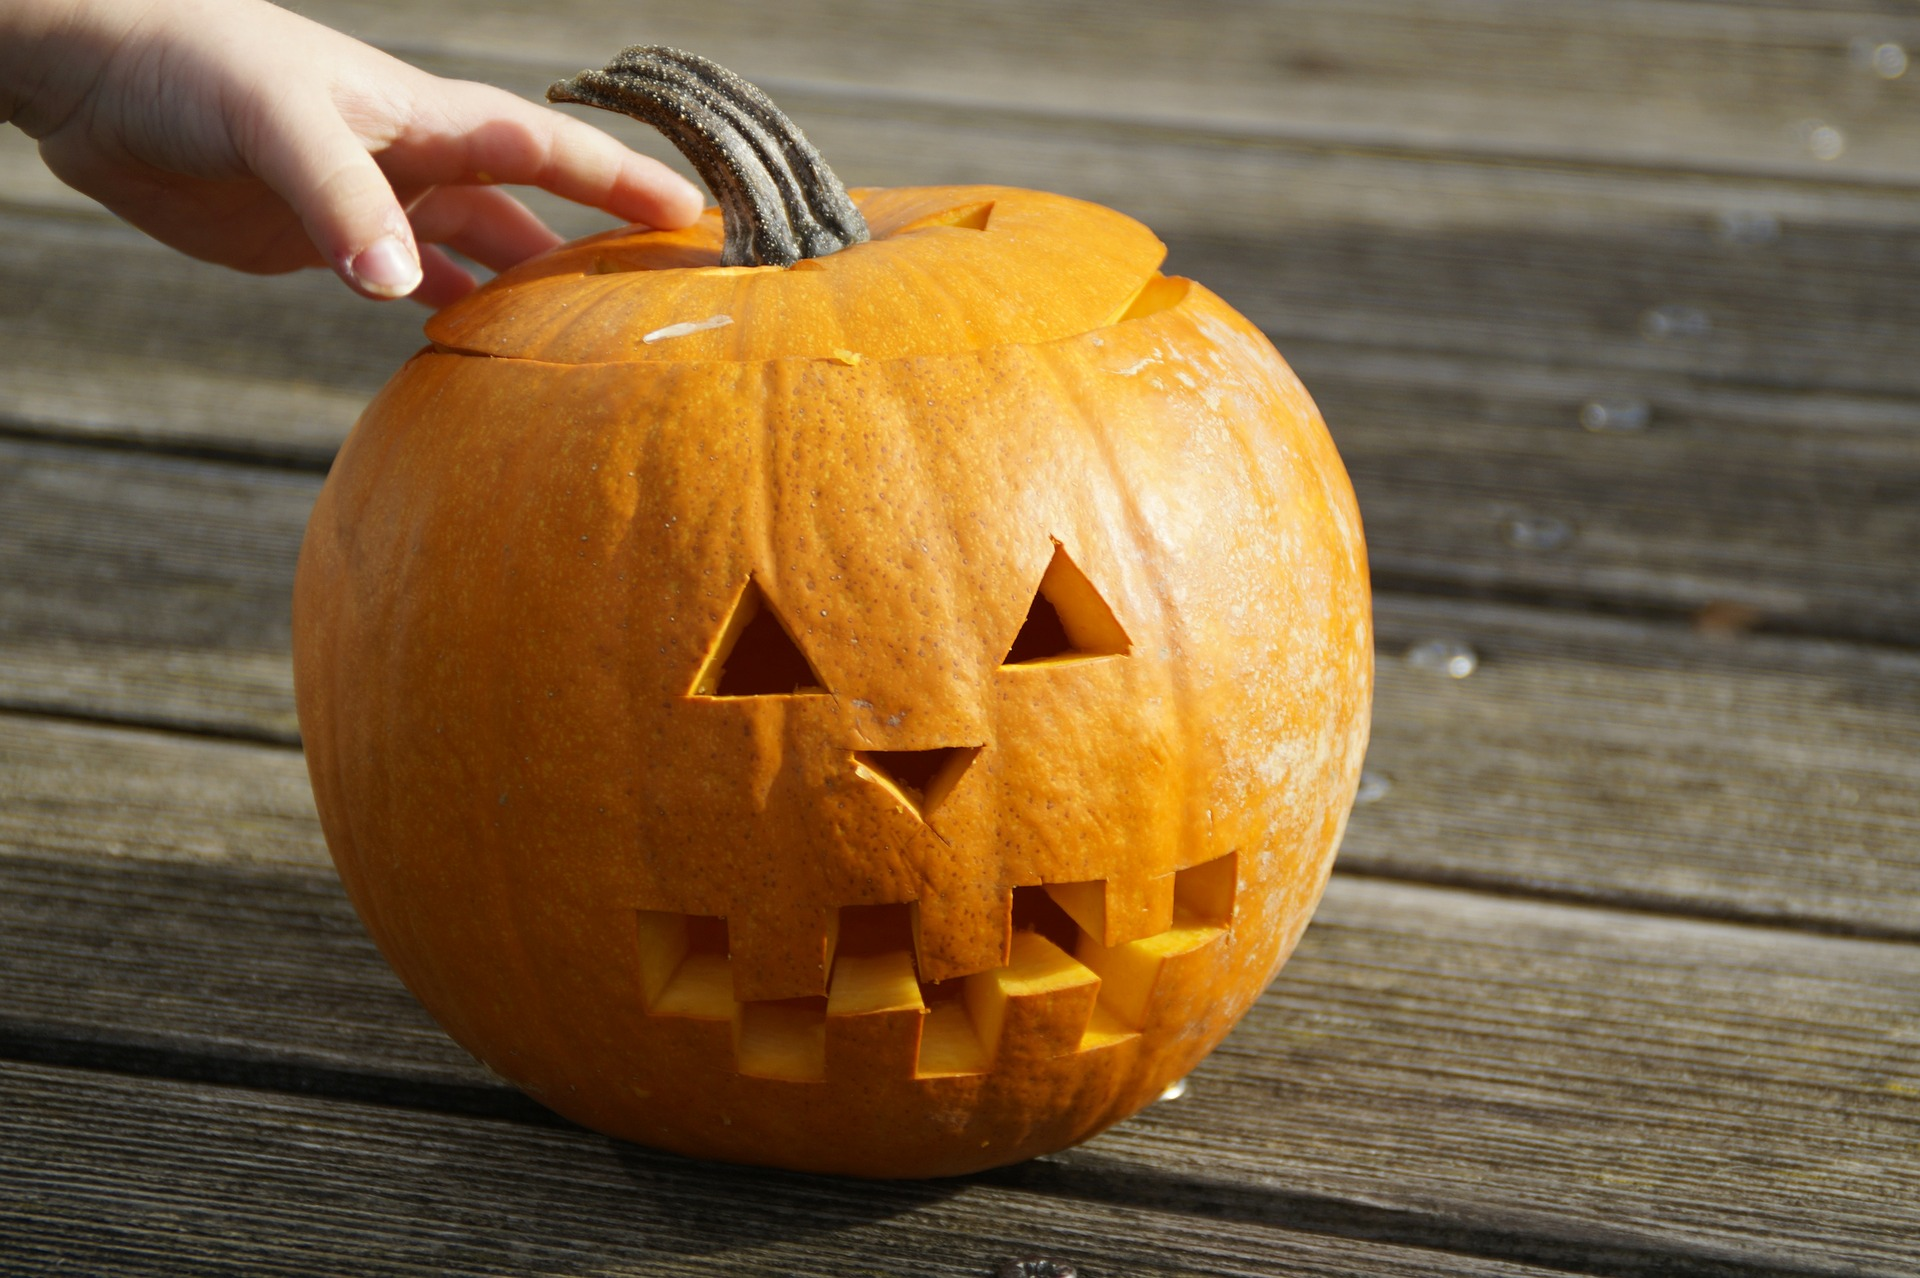 pumpkin-201113_1920 (1).jpg